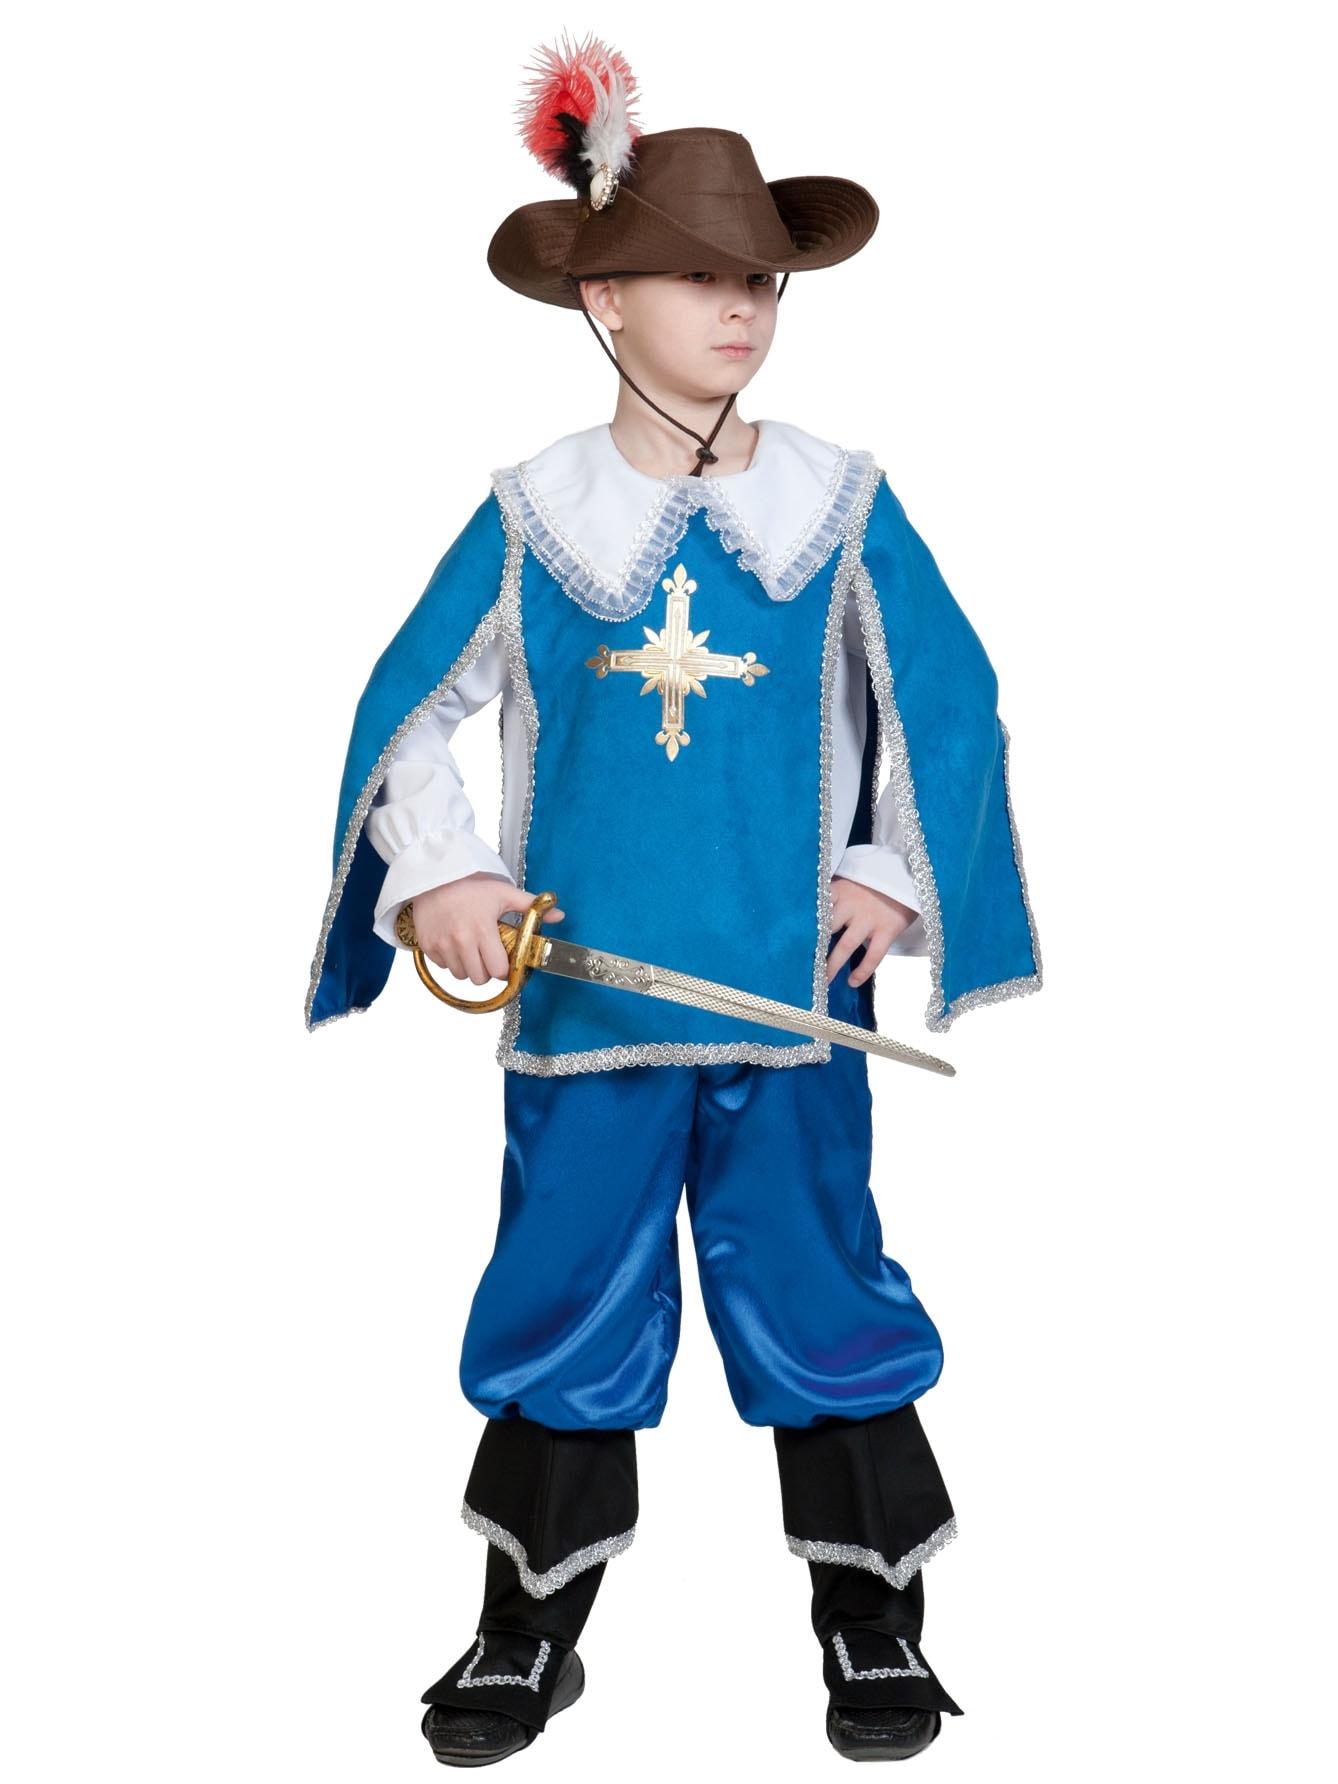 Как сшить костюм мушкетера своими руками фото